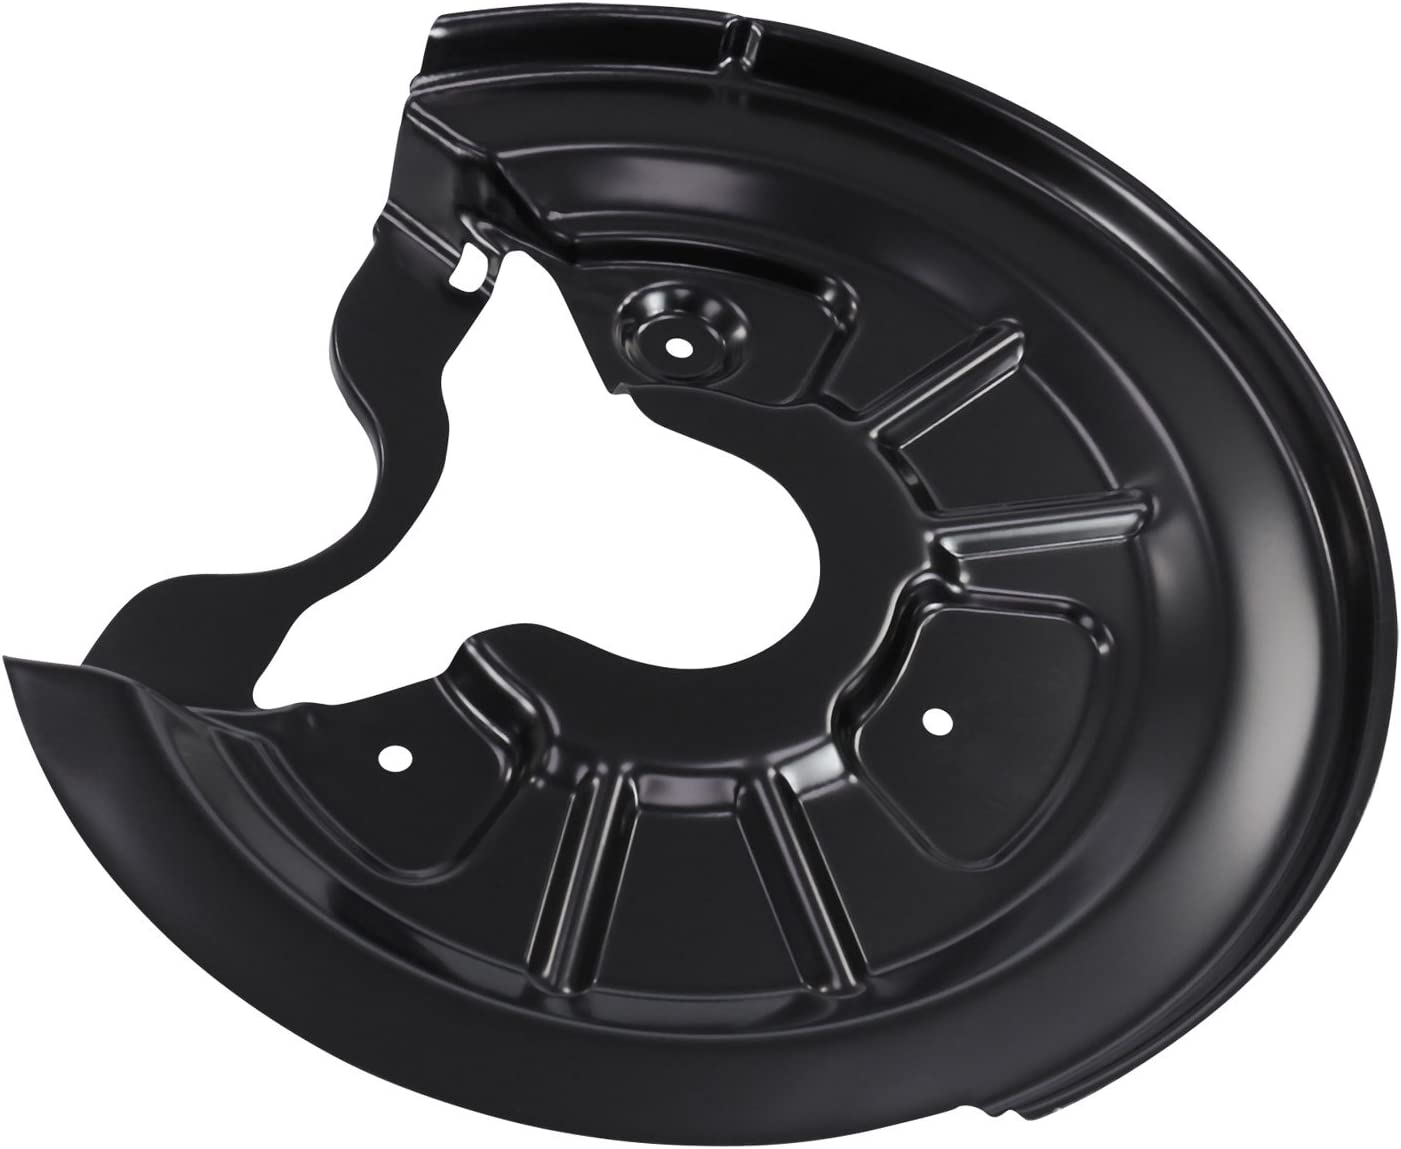 Ankerblech Schutzblech Bremsscheibe Bremse Deckblech HR für SEAT TOLEDO LEON 1M